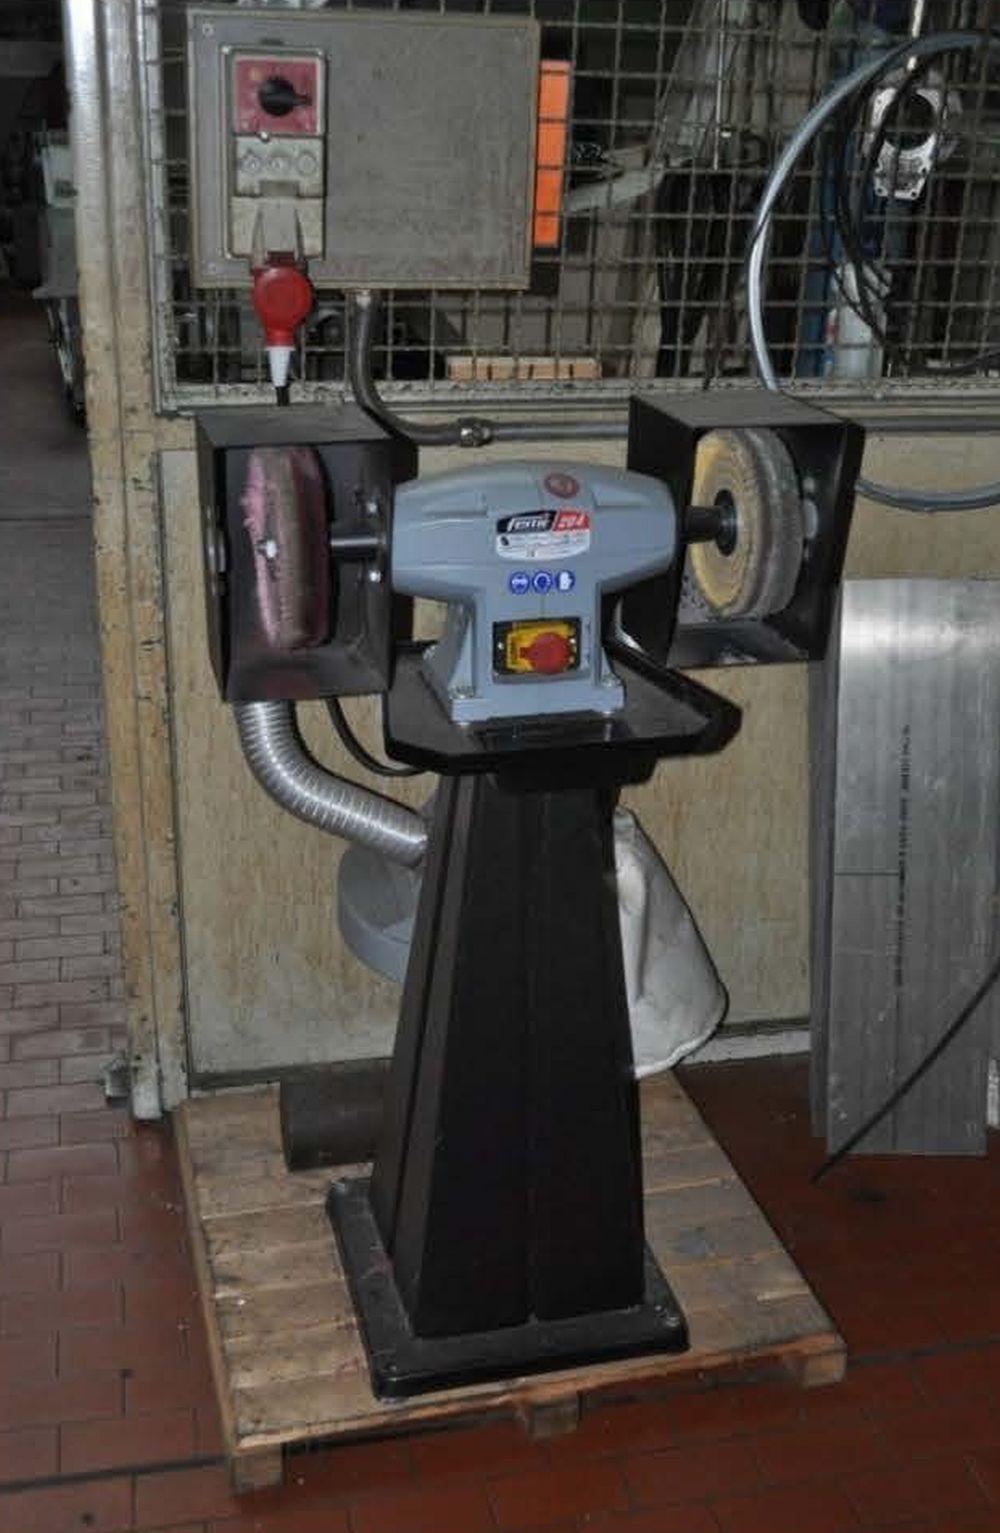 TWO-HEADED BRUSHING MACHINE – NO.15.0403